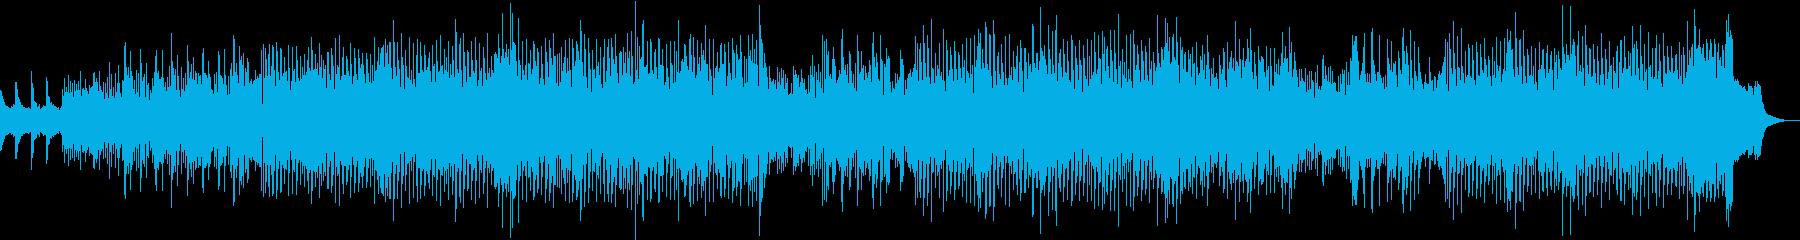 ノリがよくかっこいい尺八の和風ハウスの再生済みの波形